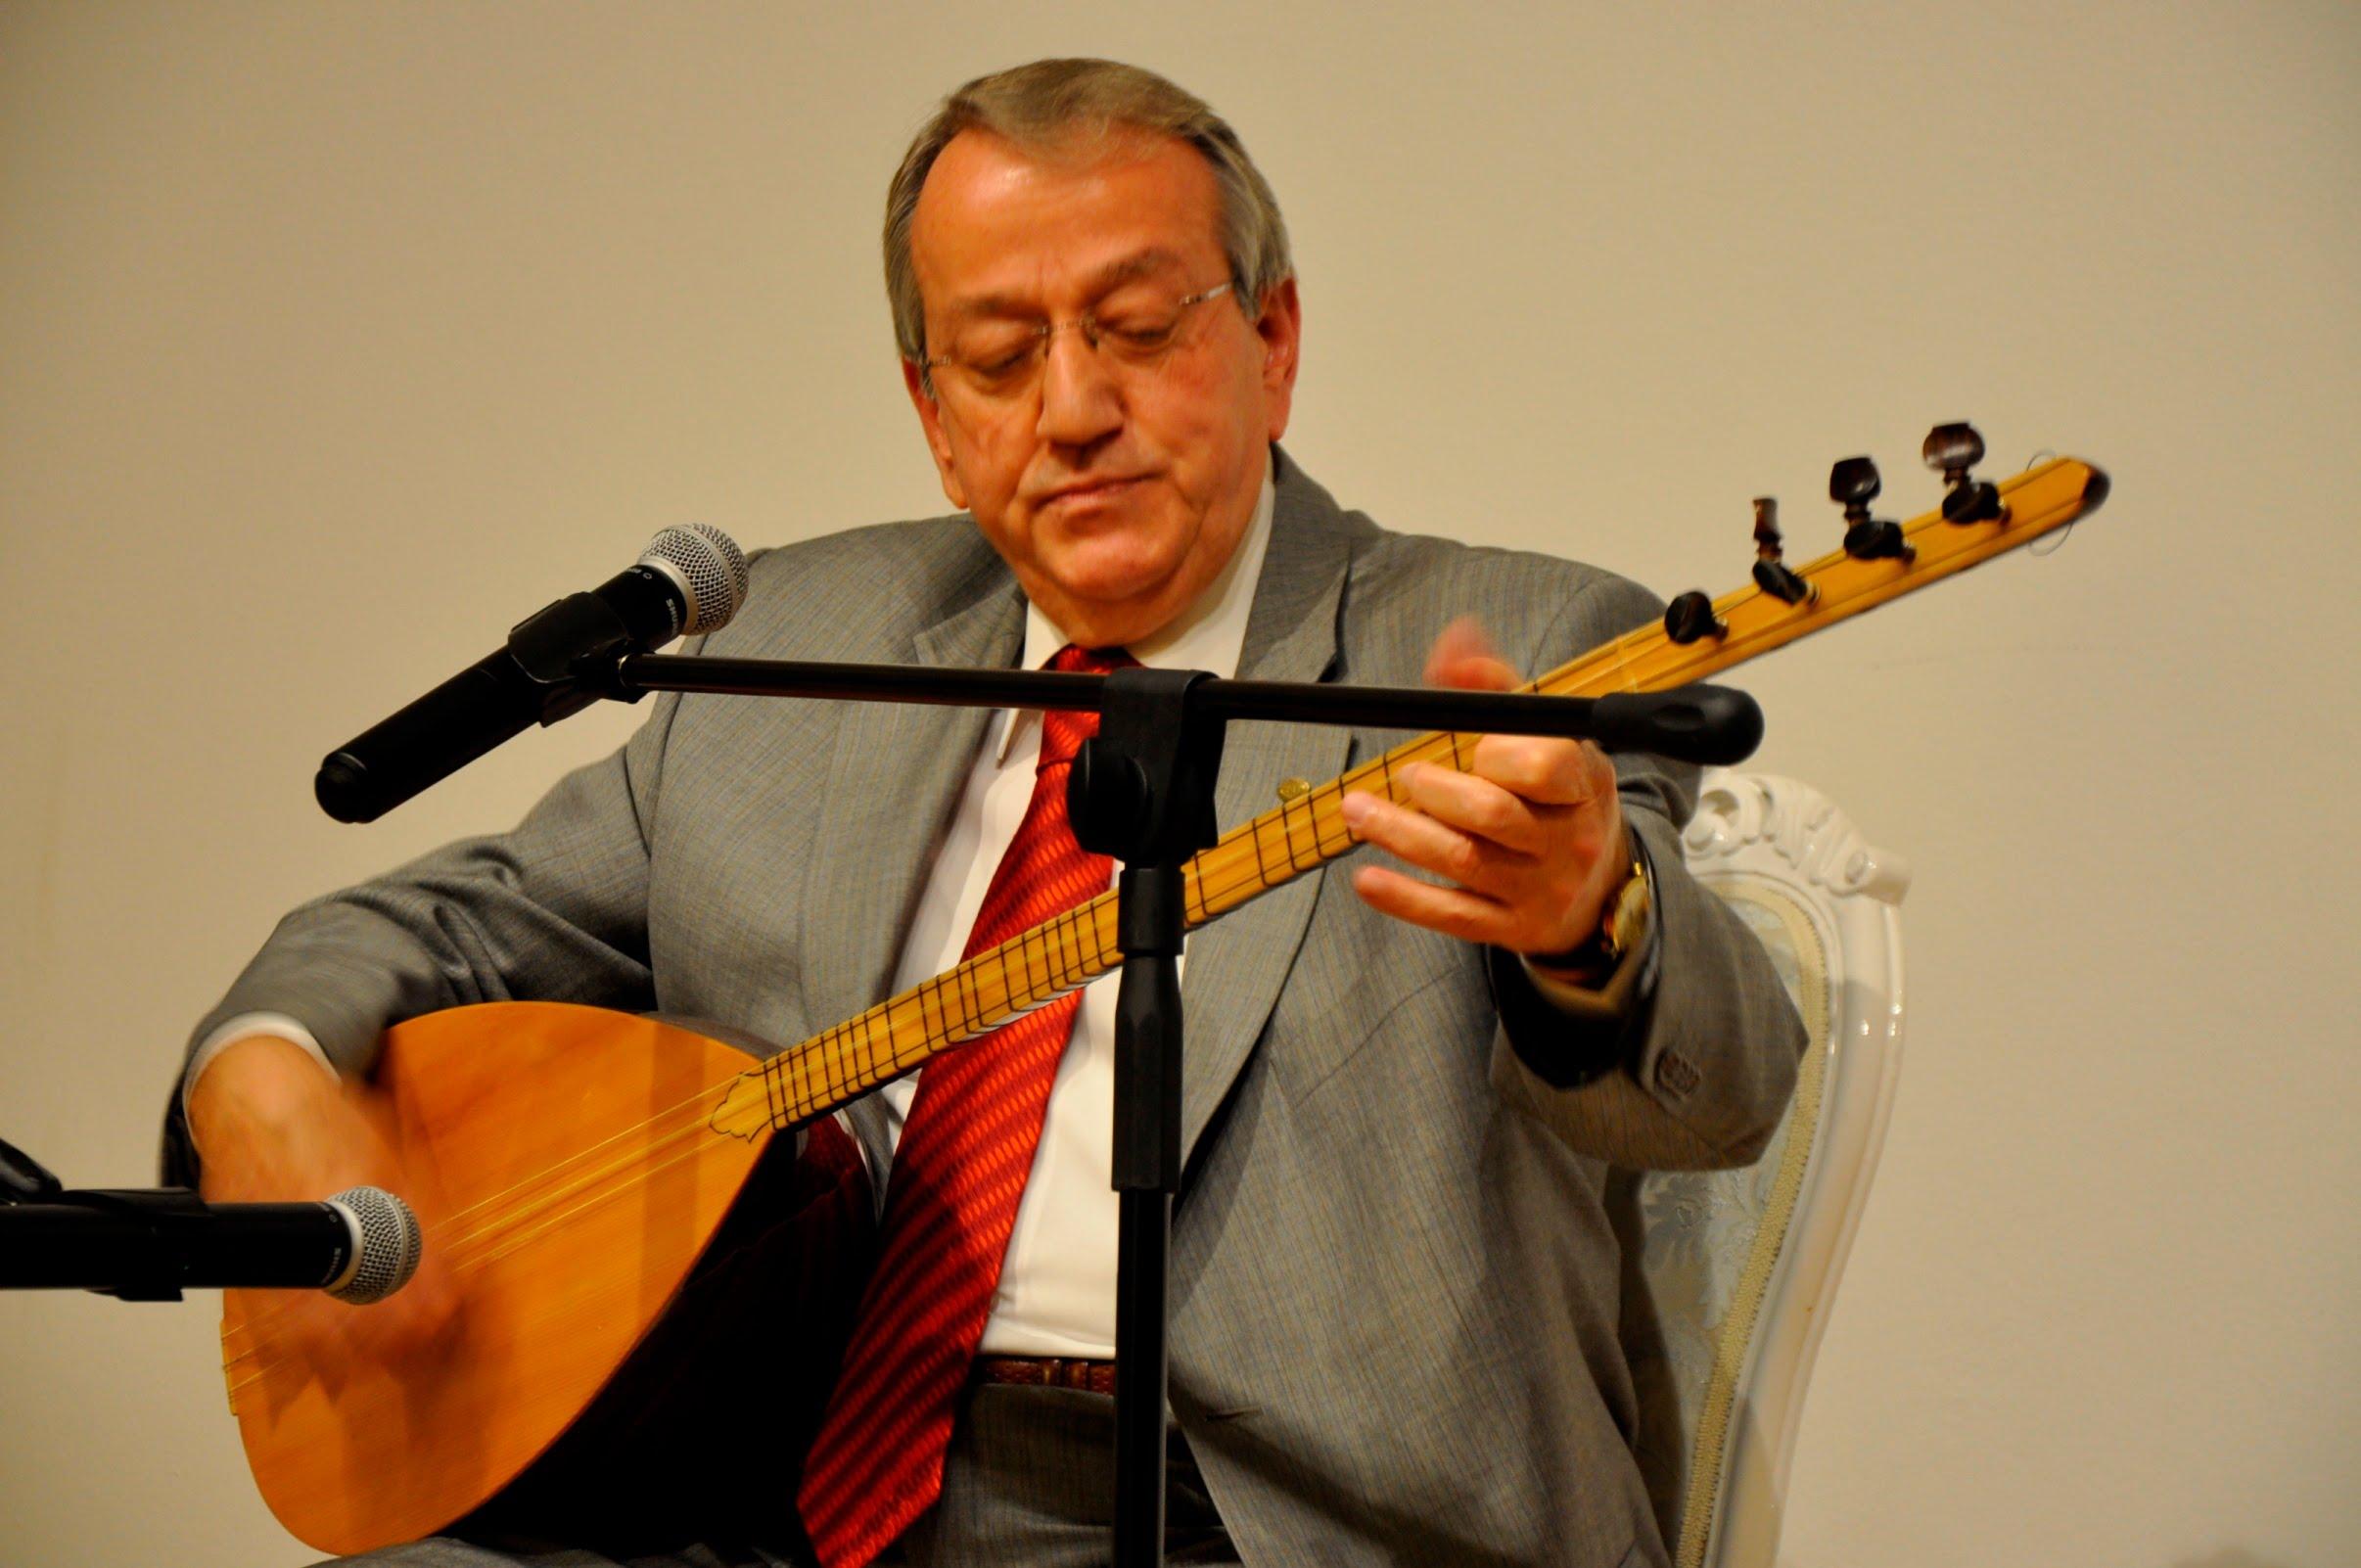 Mehmet-Erenler-Master-of-Baglama-and-Divan-Sazi